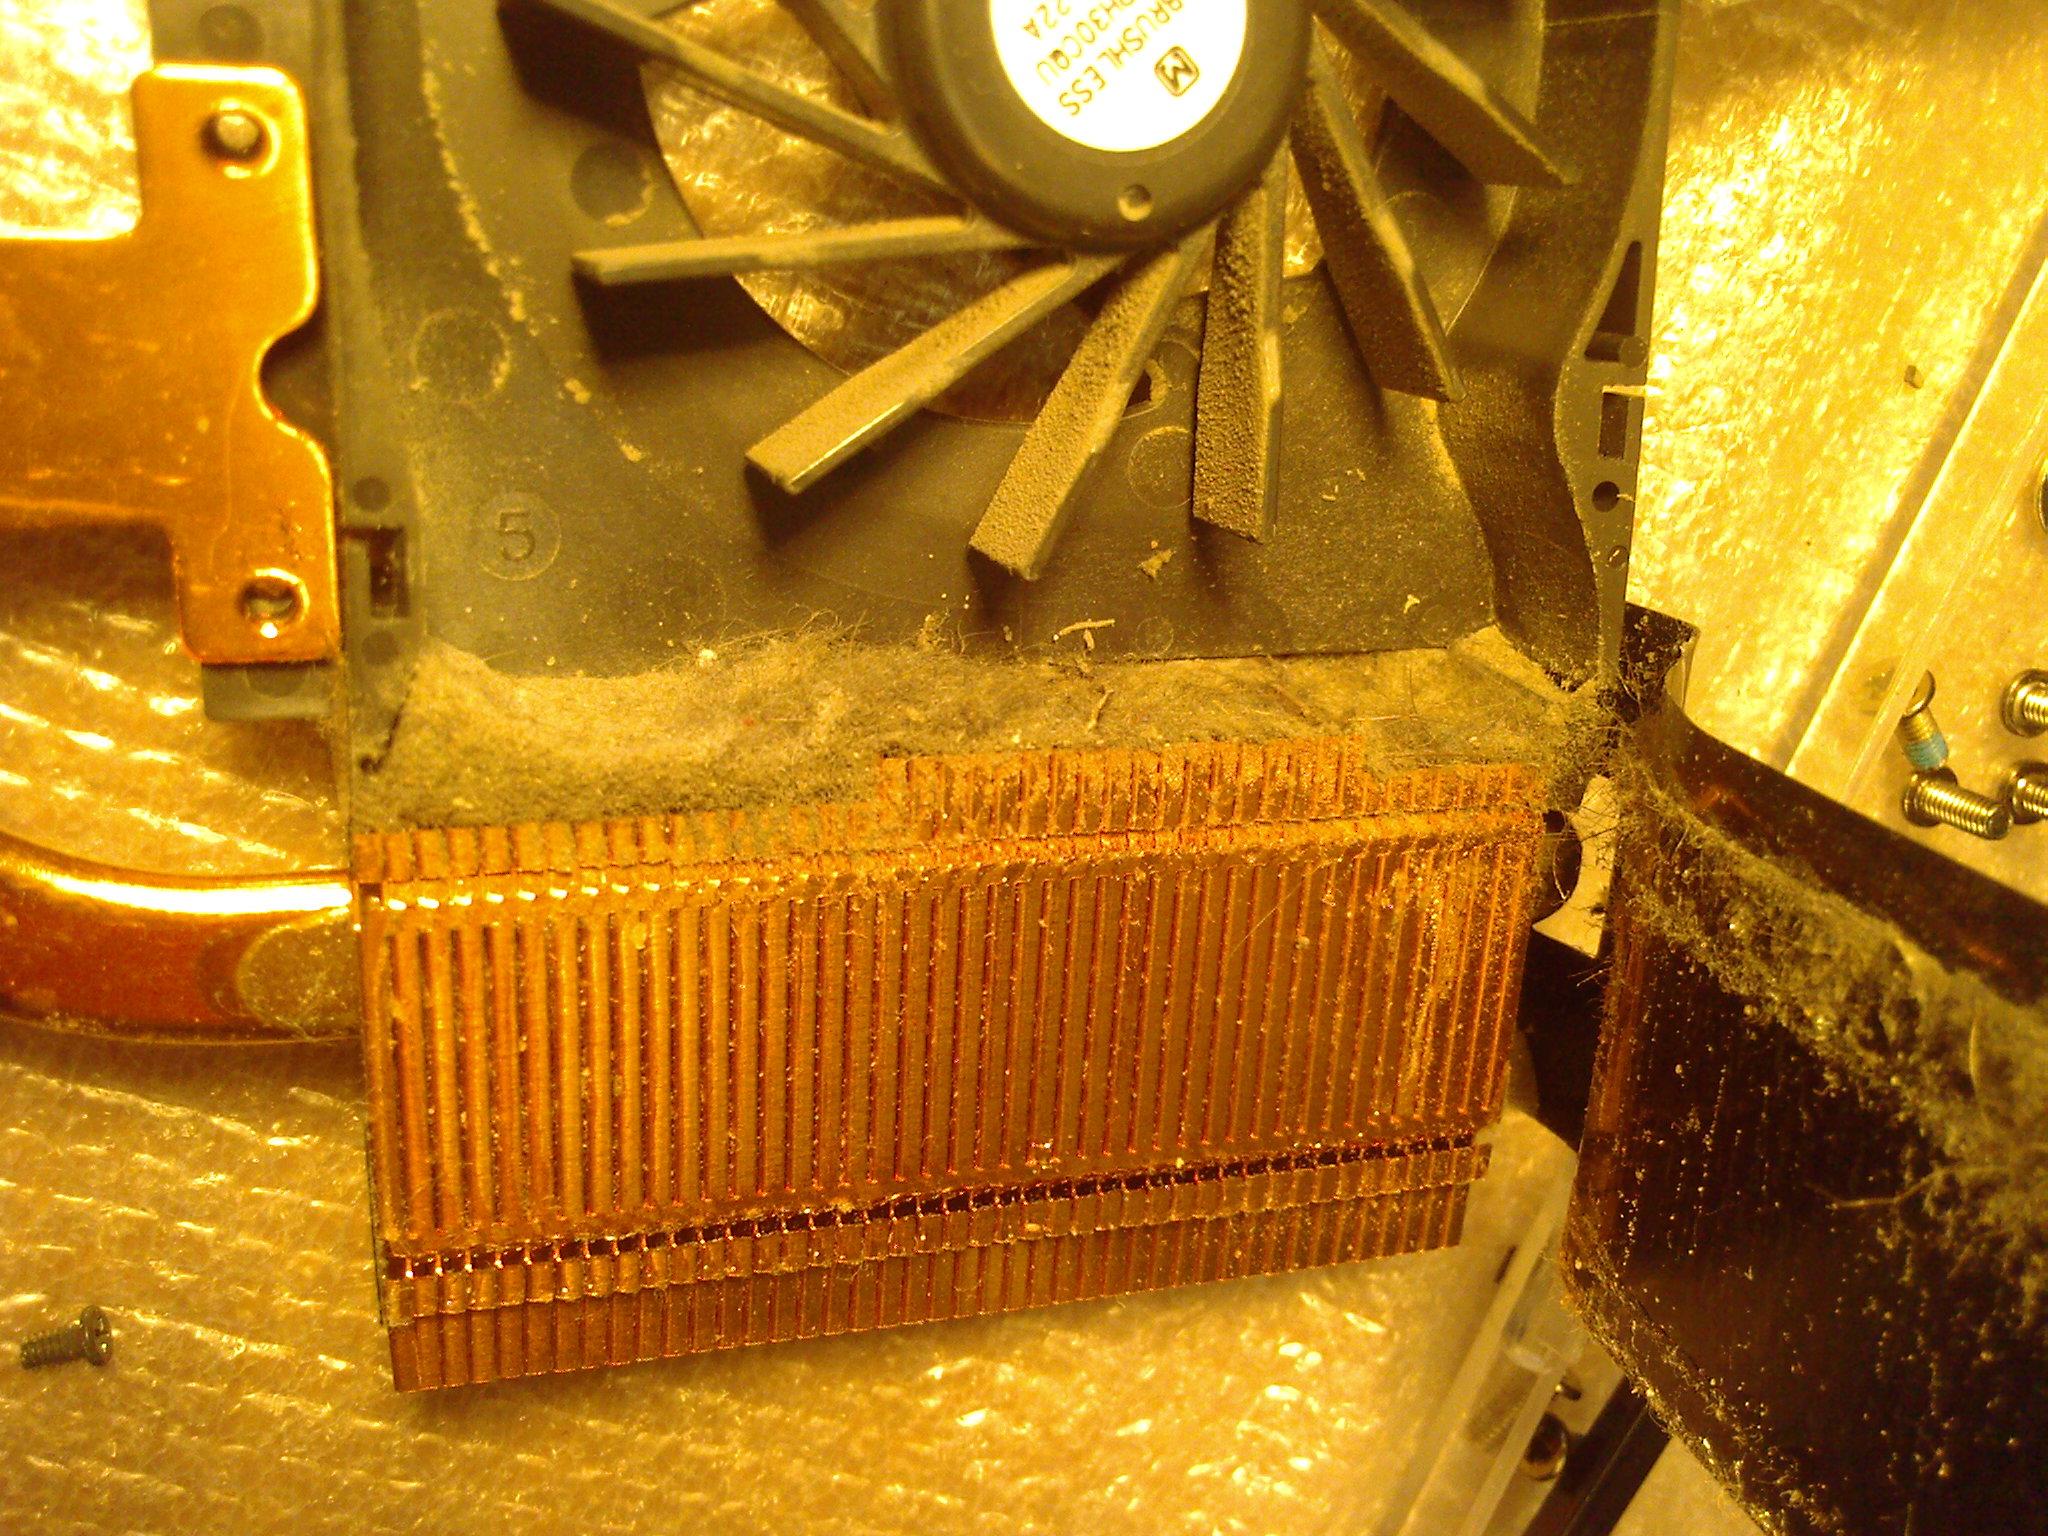 Система охлаждения ноутбука до чистки